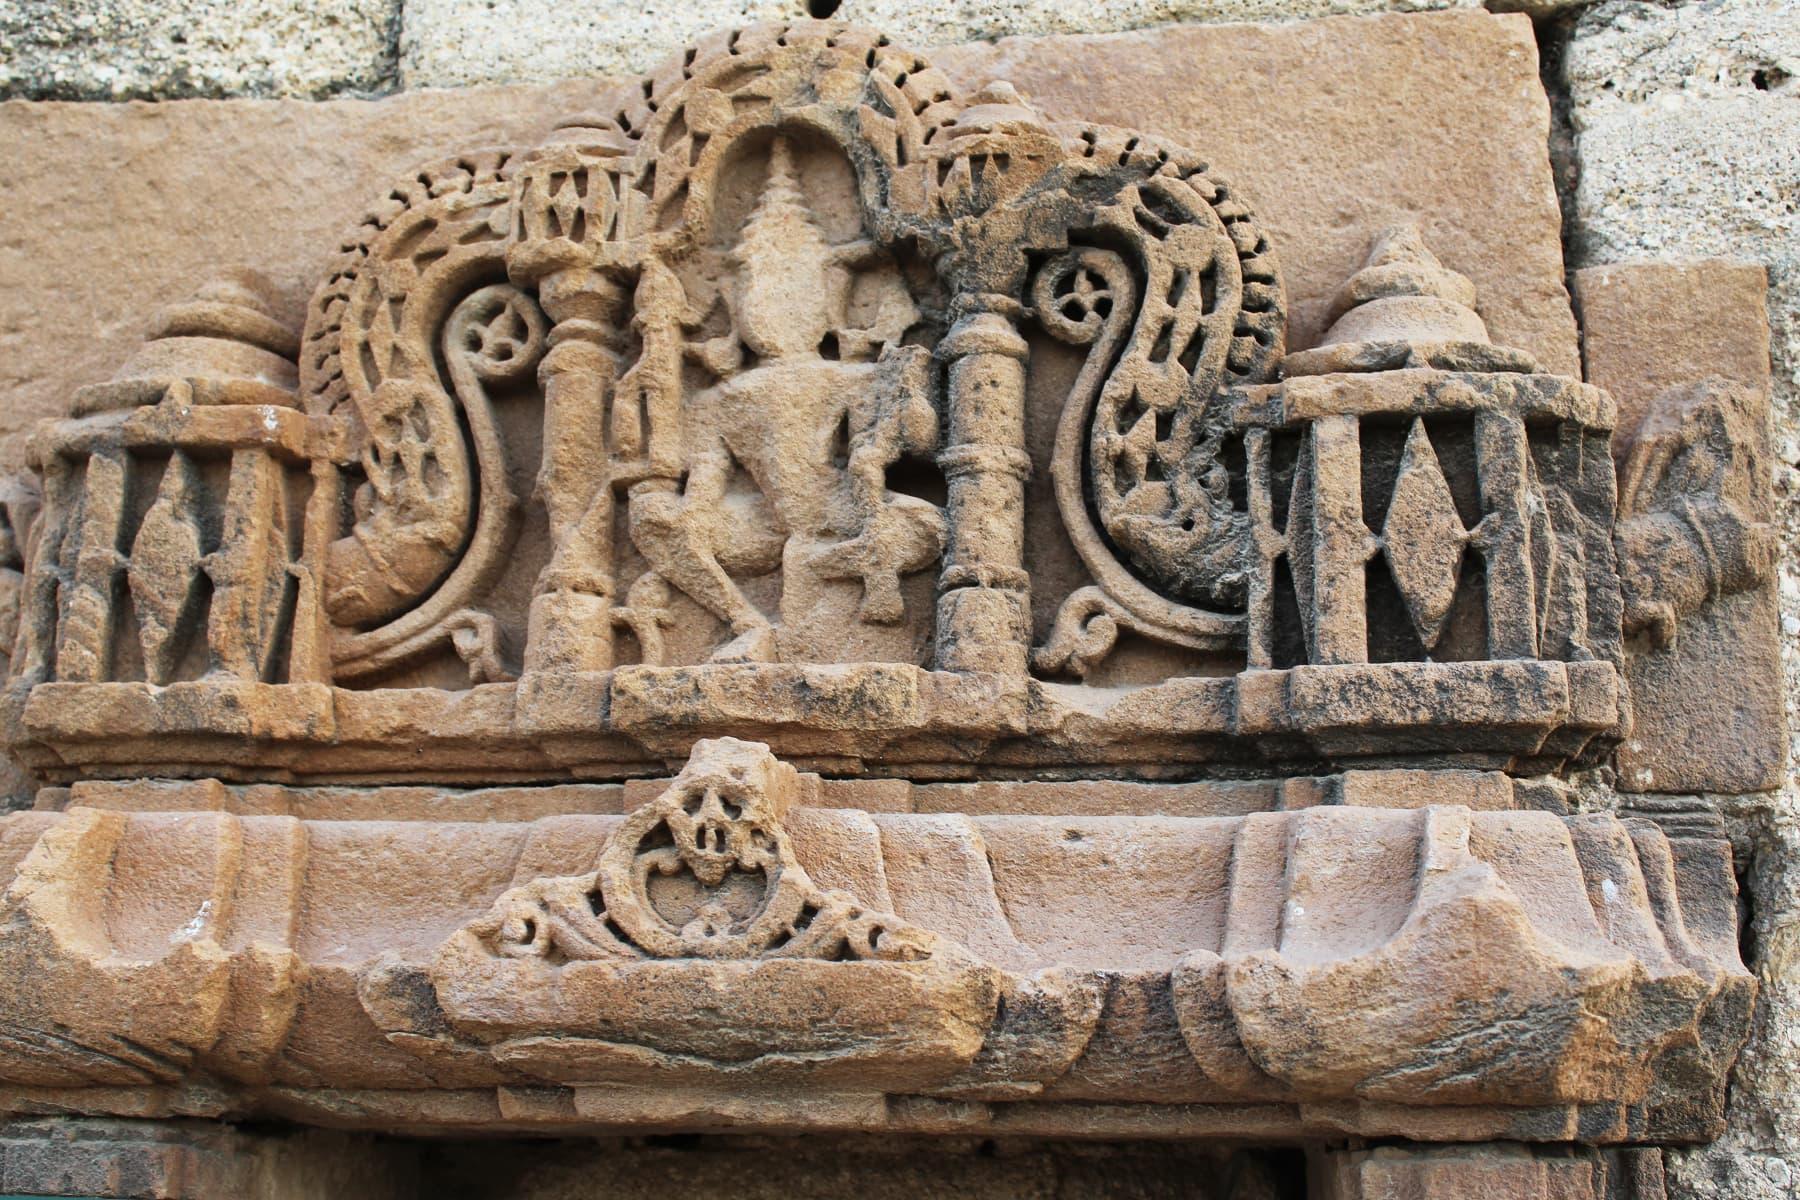 جین مندر میں سنگ تراشی کا خوبصورت نمونہ— تصویر اختر حفیظ